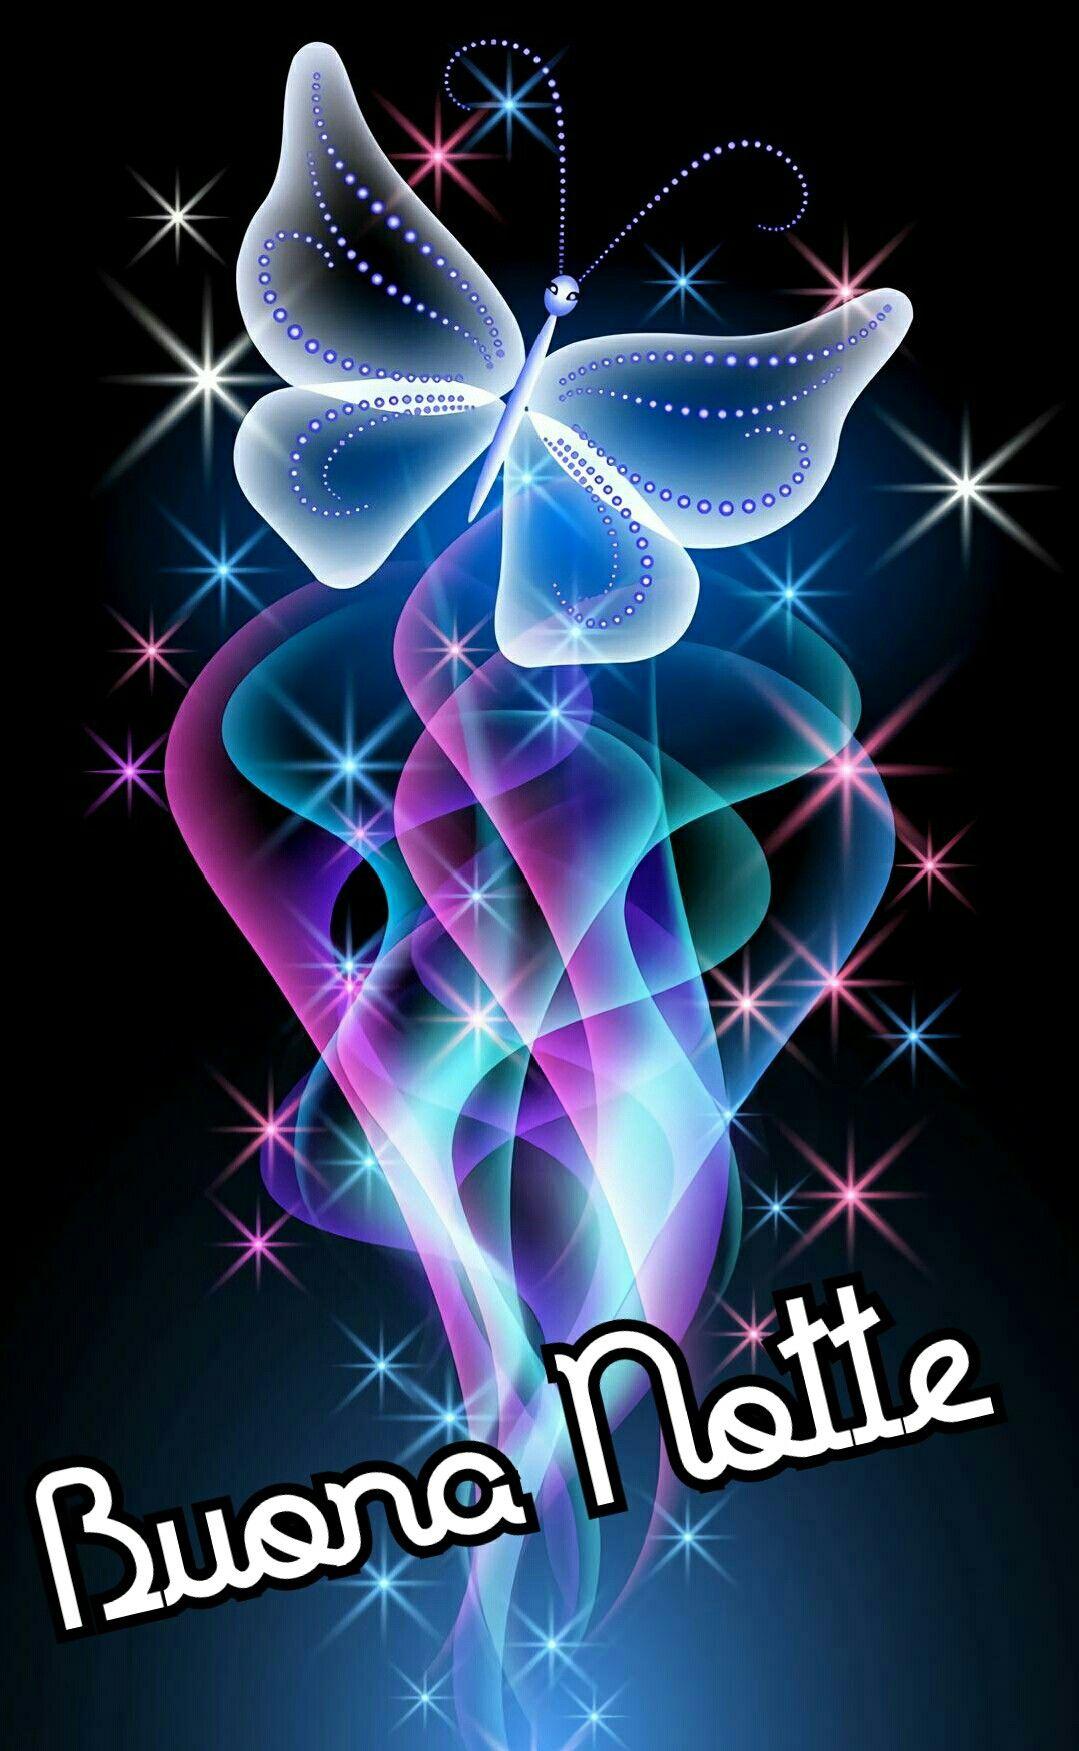 Buona notte notte buonanotte farfalle immagini for Sfondi con farfalle